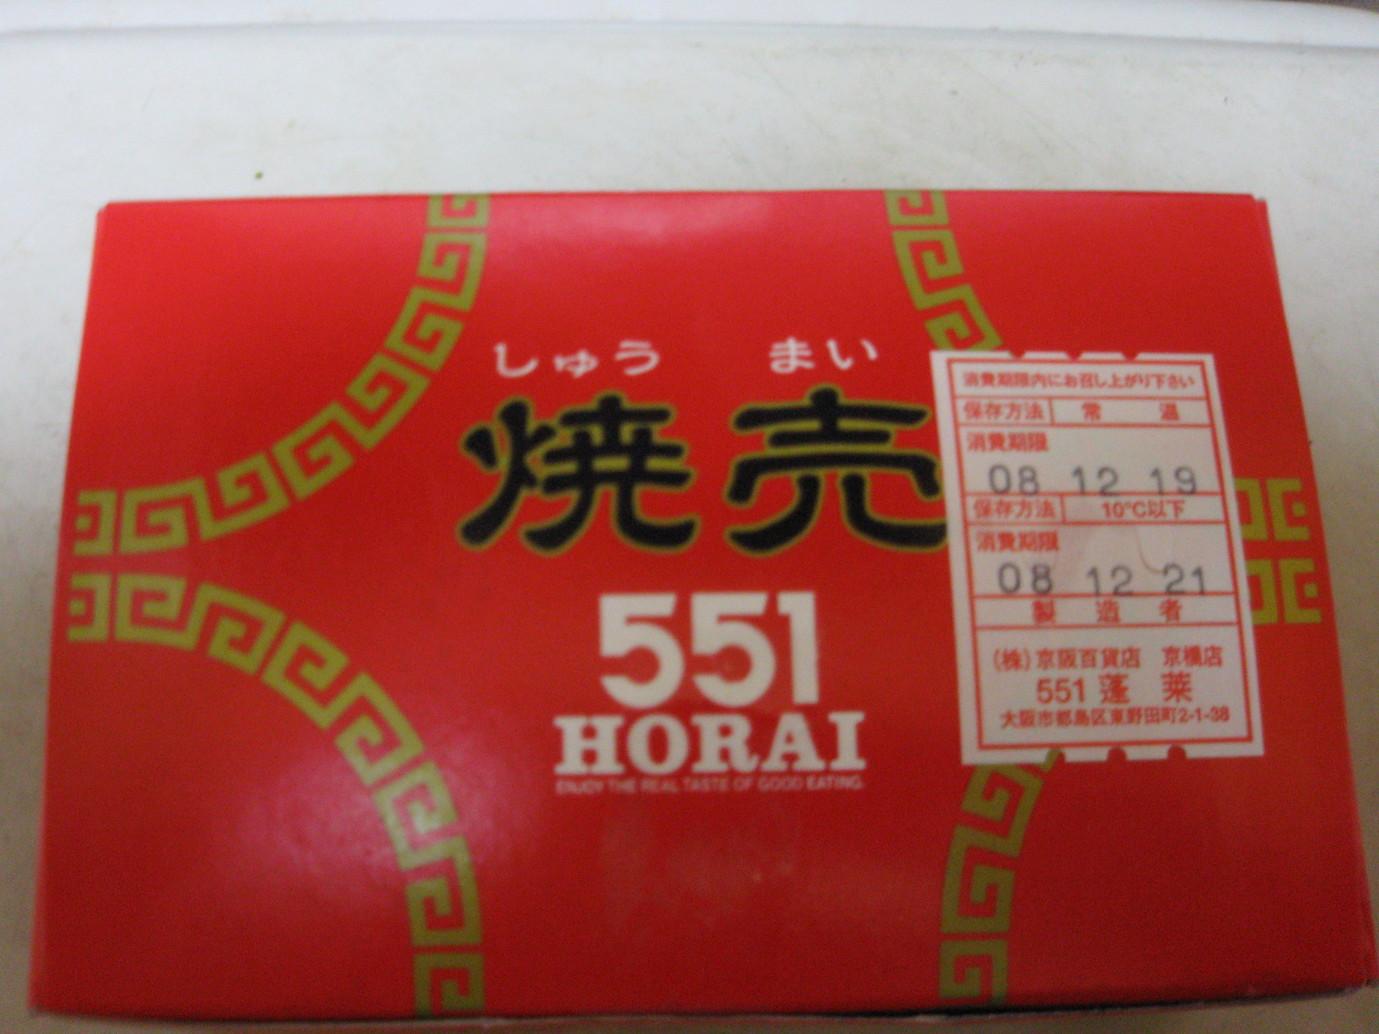 551 蓬莱 京橋京阪店